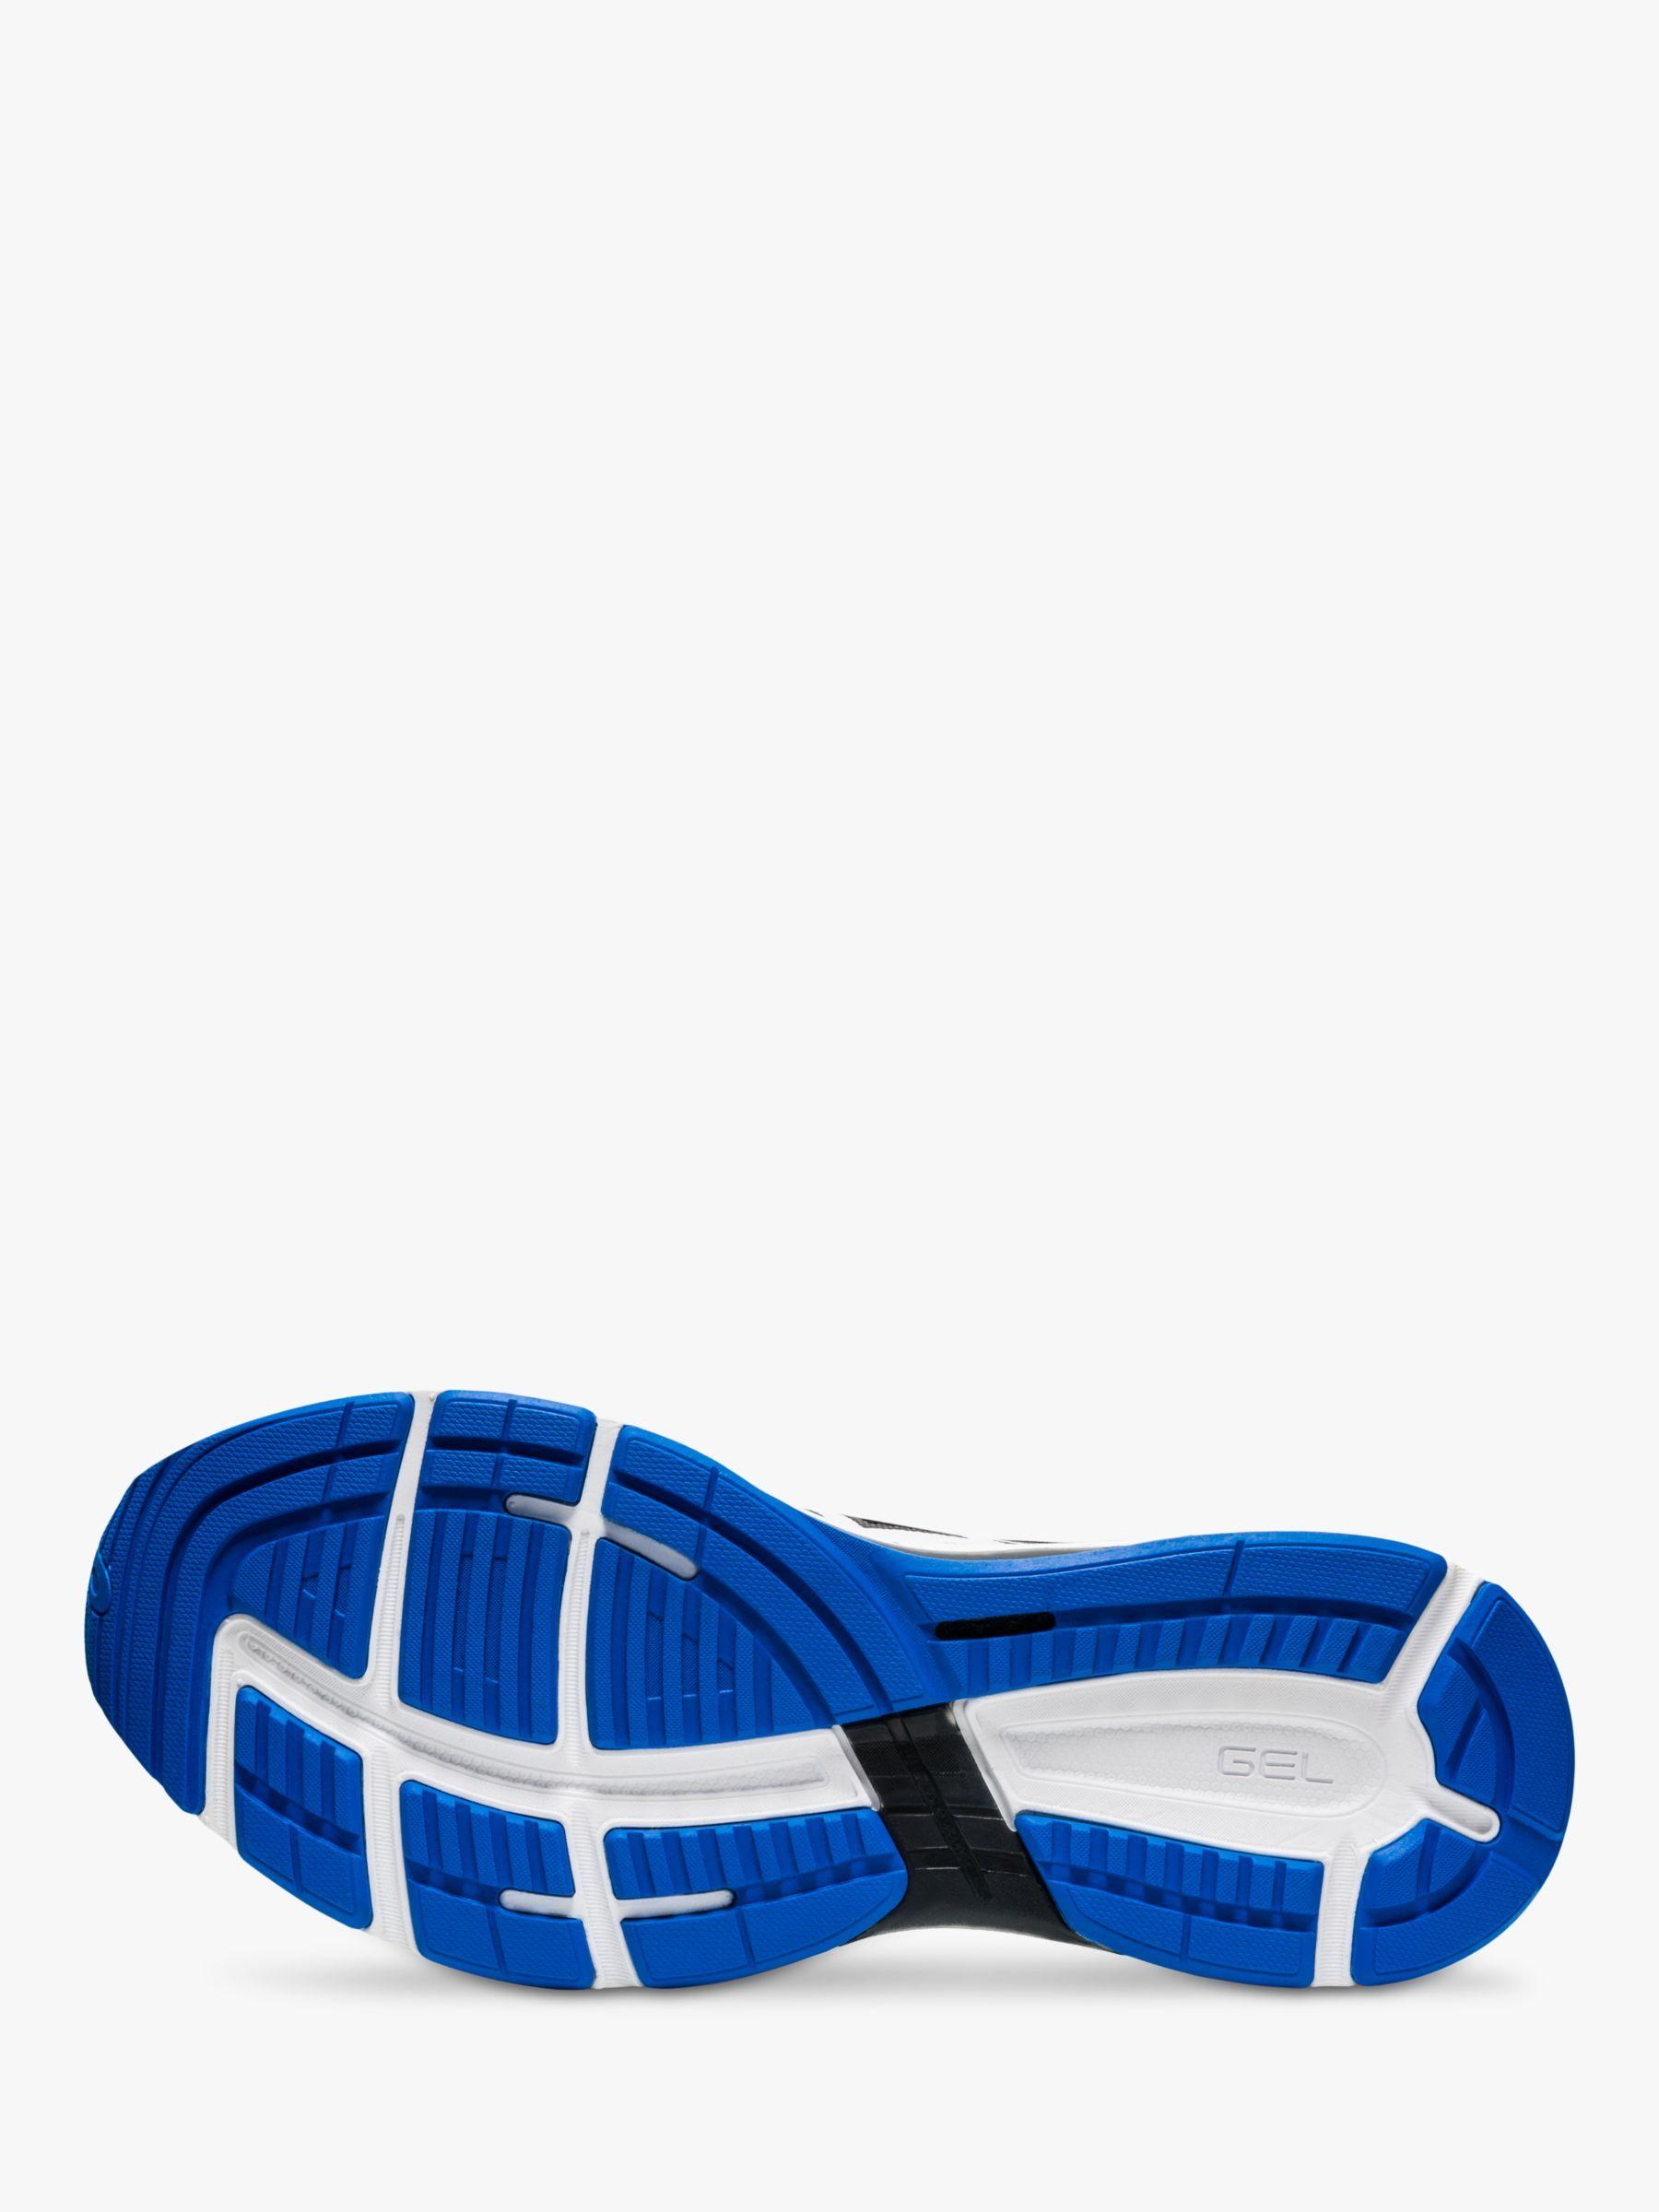 ASICS GEL EXALT 5 Men's Running Shoes, BlackWhite | Running